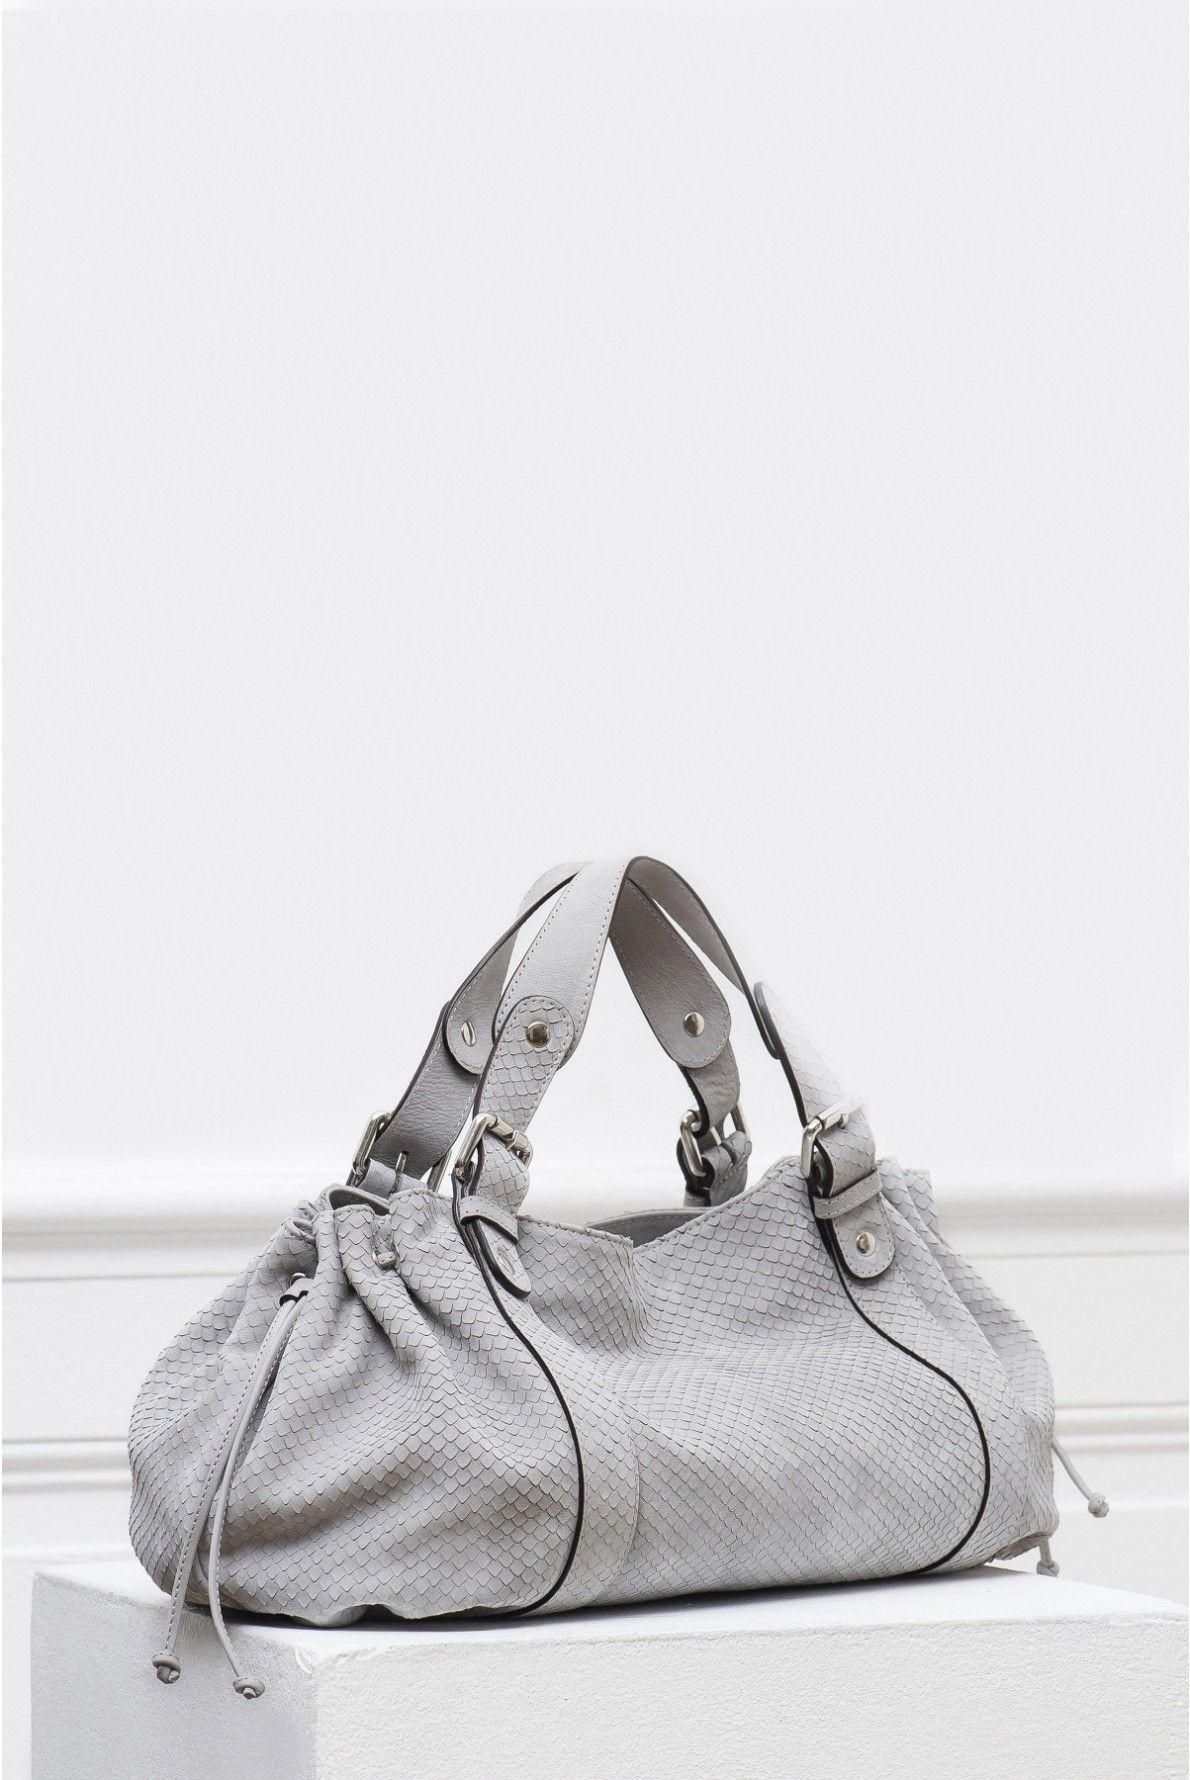 Le Pinterest sac gris Sac sacs gerard 24 heures zippé darel Crn8HqCx